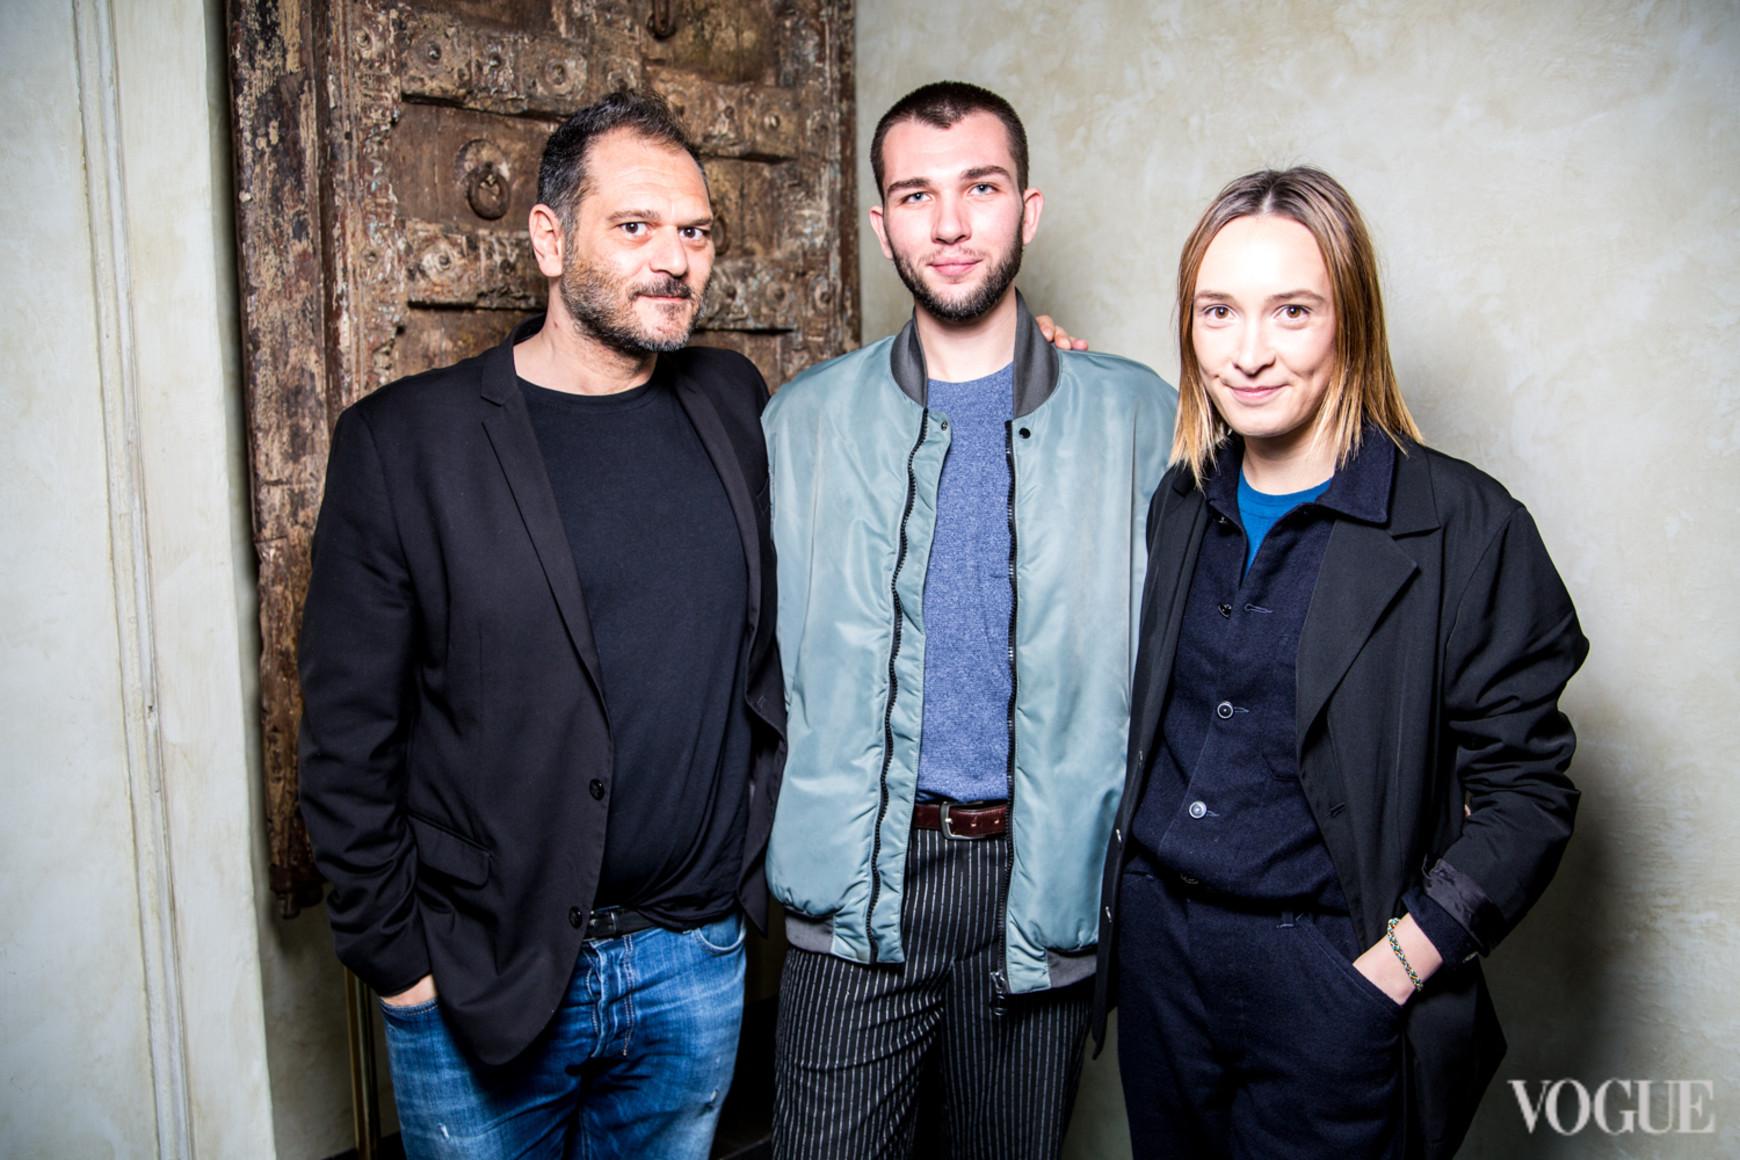 Данило Вентури, Алекс Барков и Ольга Сушко